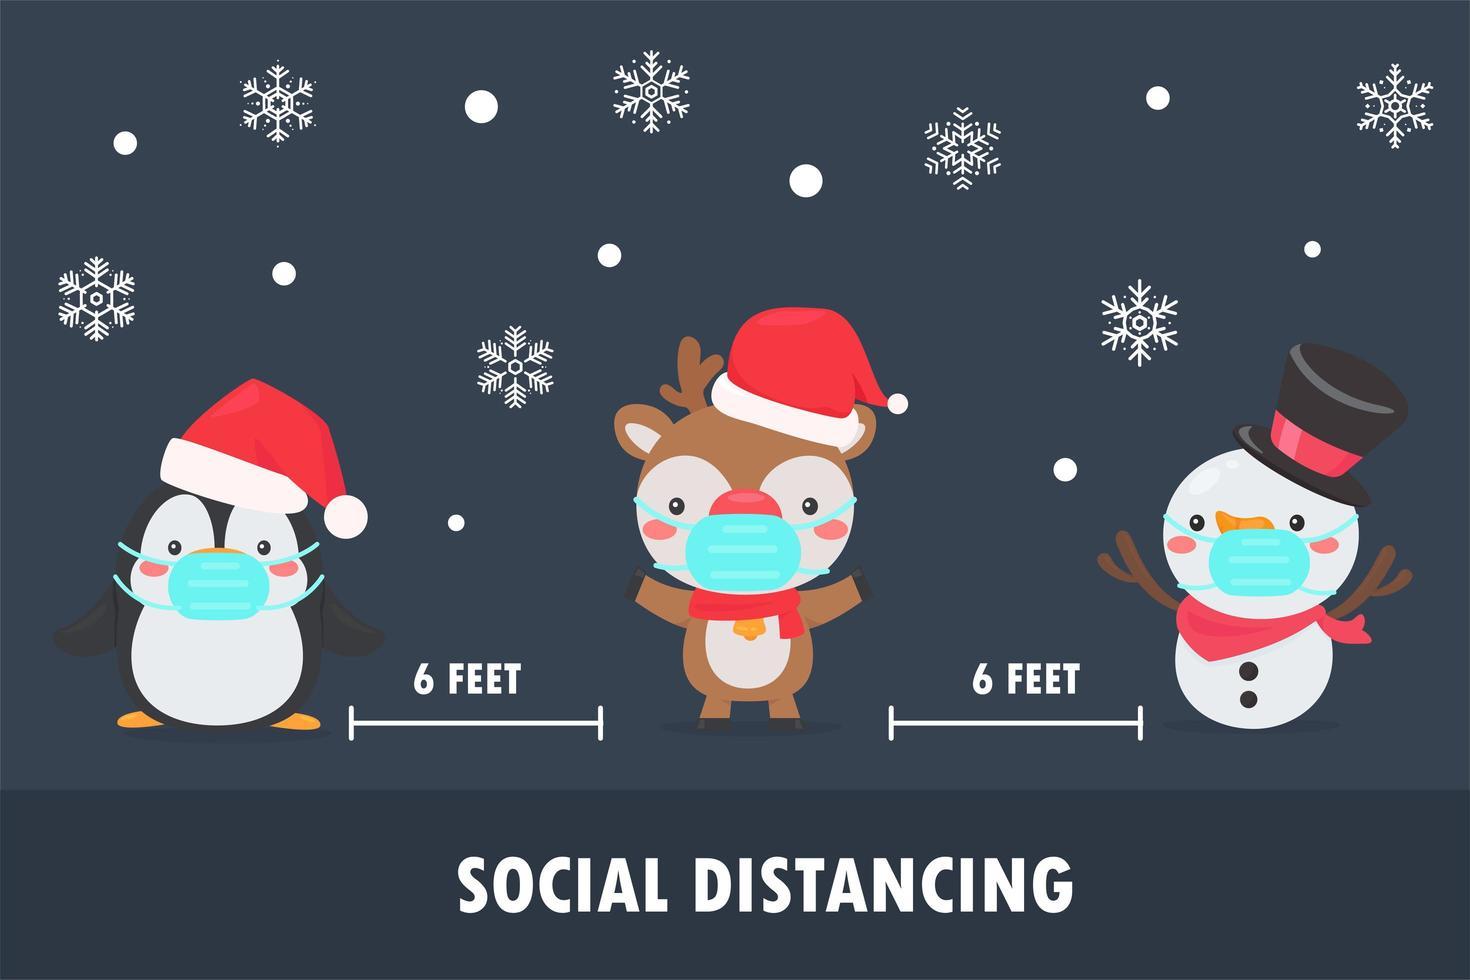 pingüino, reno y muñeco de nieve usan máscaras y distancia social. vector